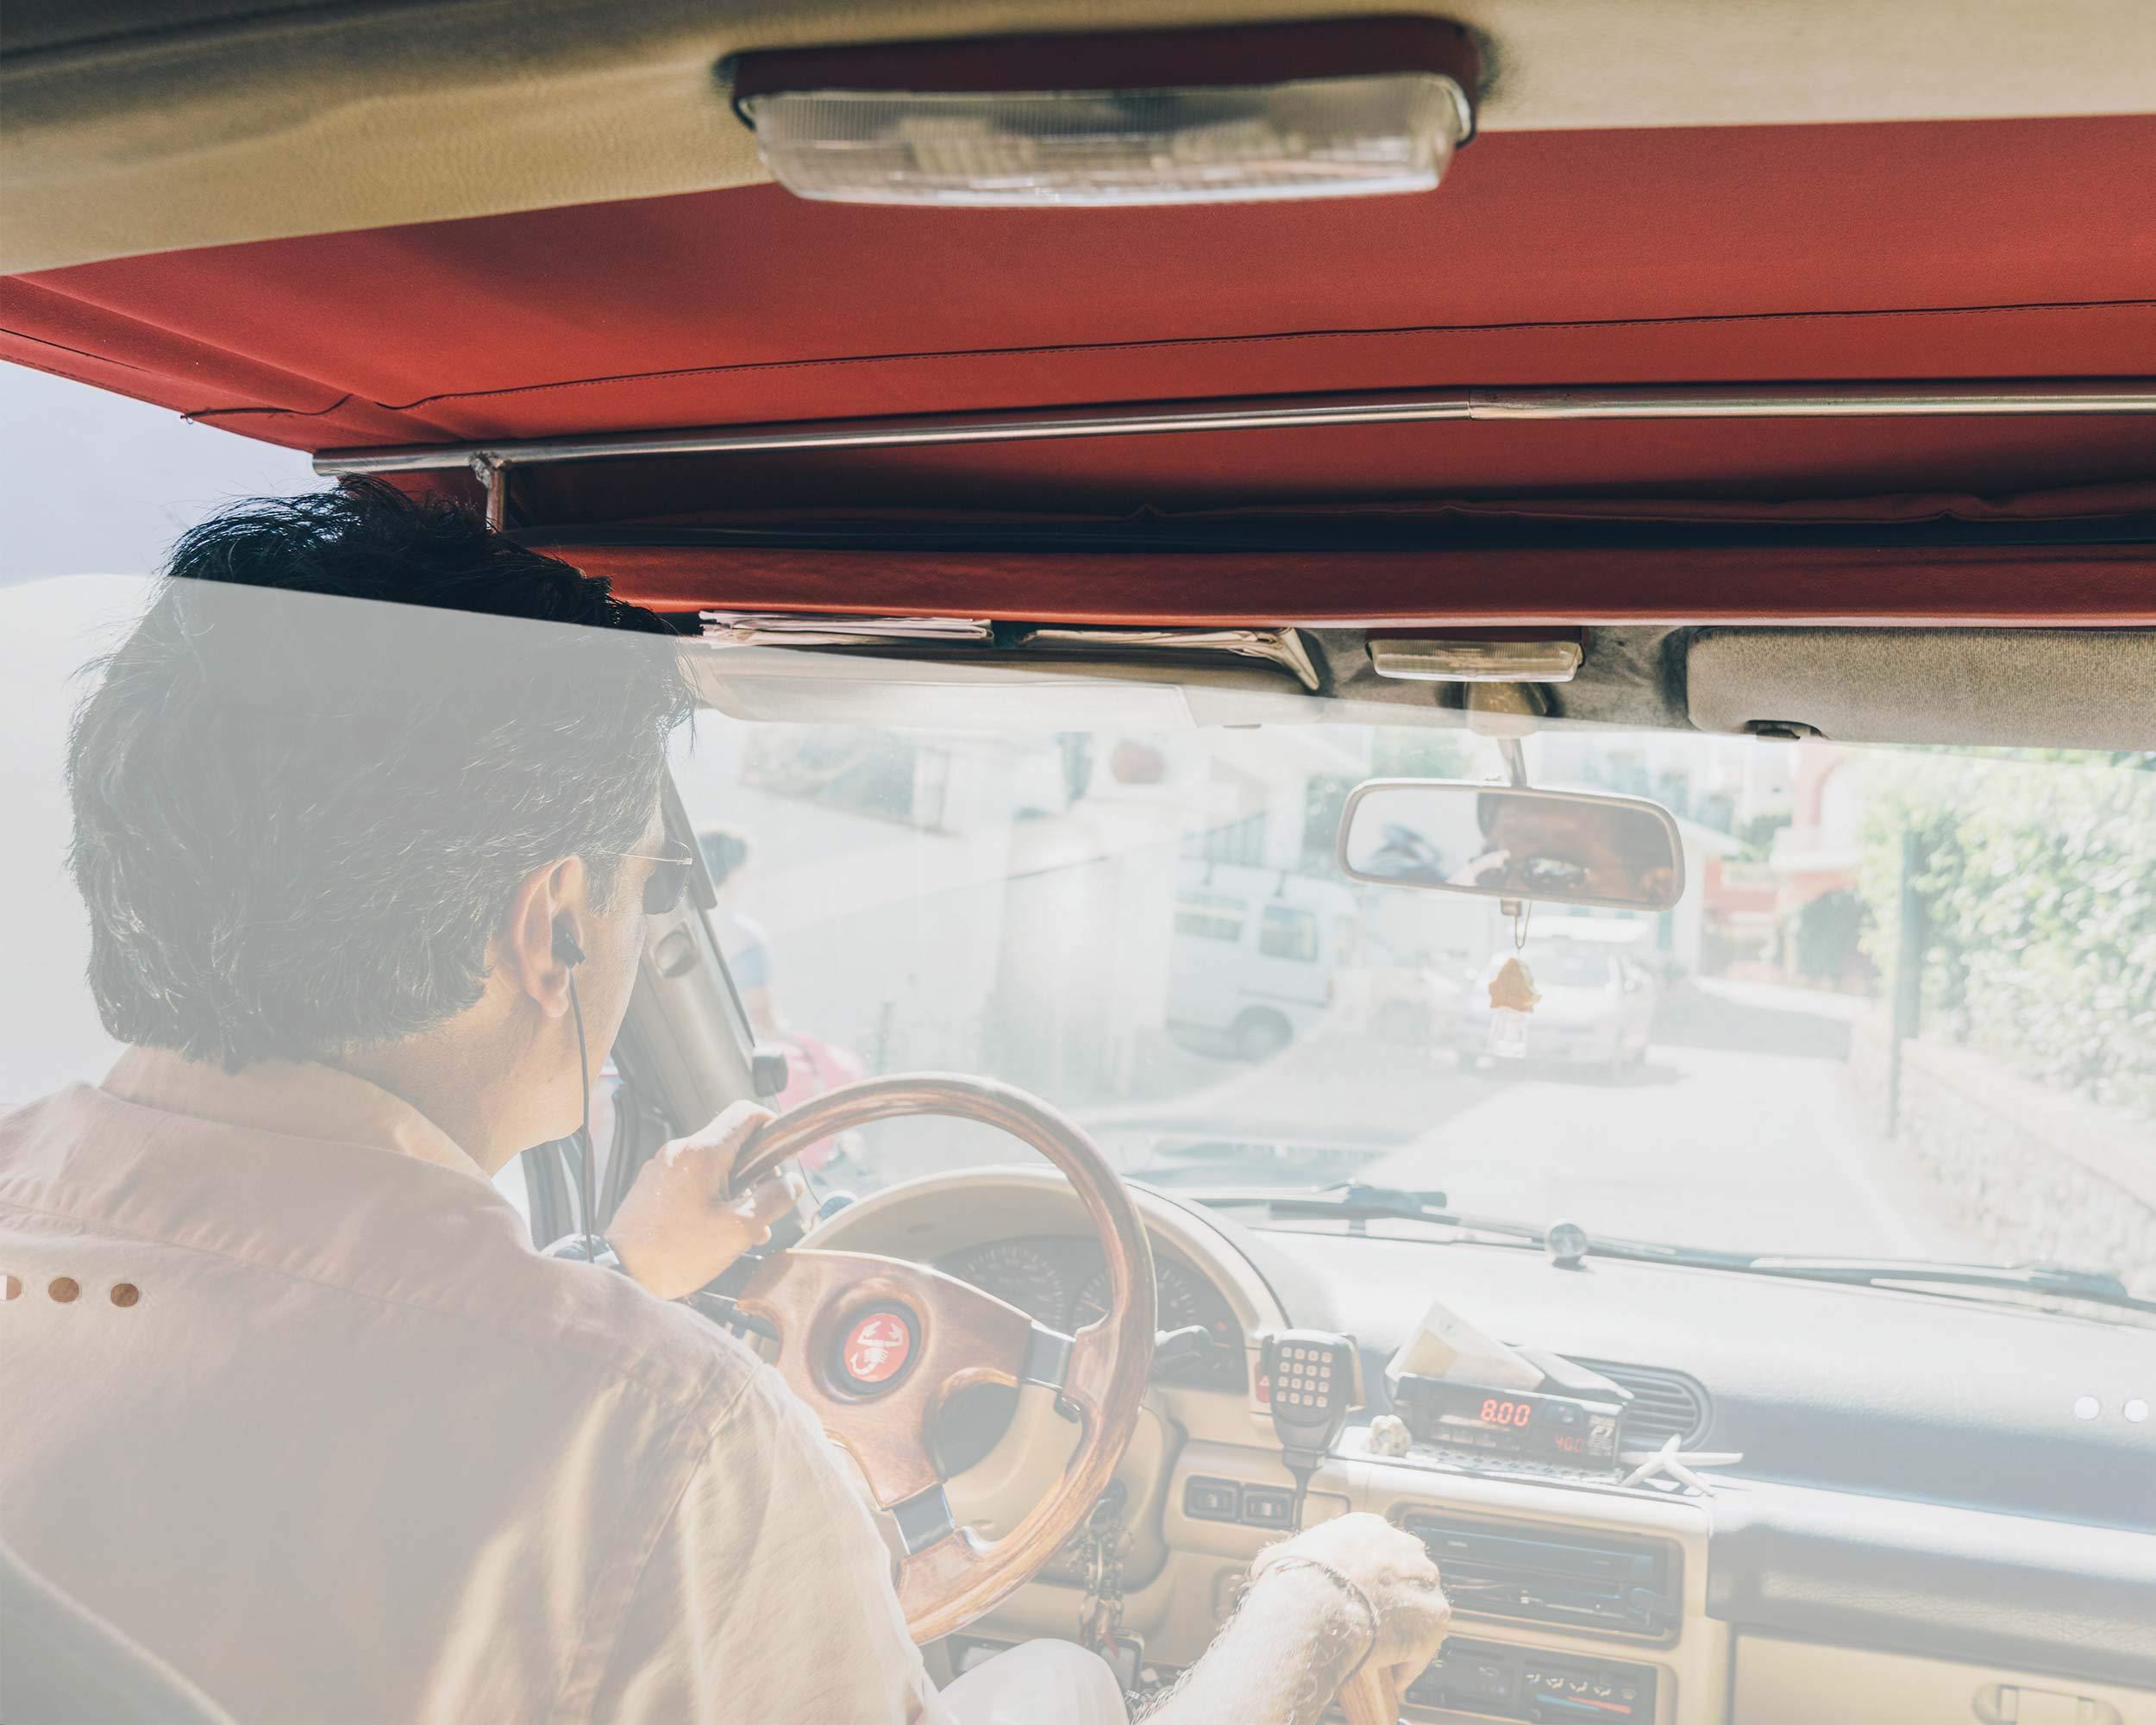 Olmedo Servicios Integrales Pantalla Separadora de Asientos para Coche Transparente 98x48 cm - Universal para Coches y Furgonetas - Barrera Separadora Entre Asientos - Valla Divisoria para Ocupantes: Amazon.es: Productos para mascotas